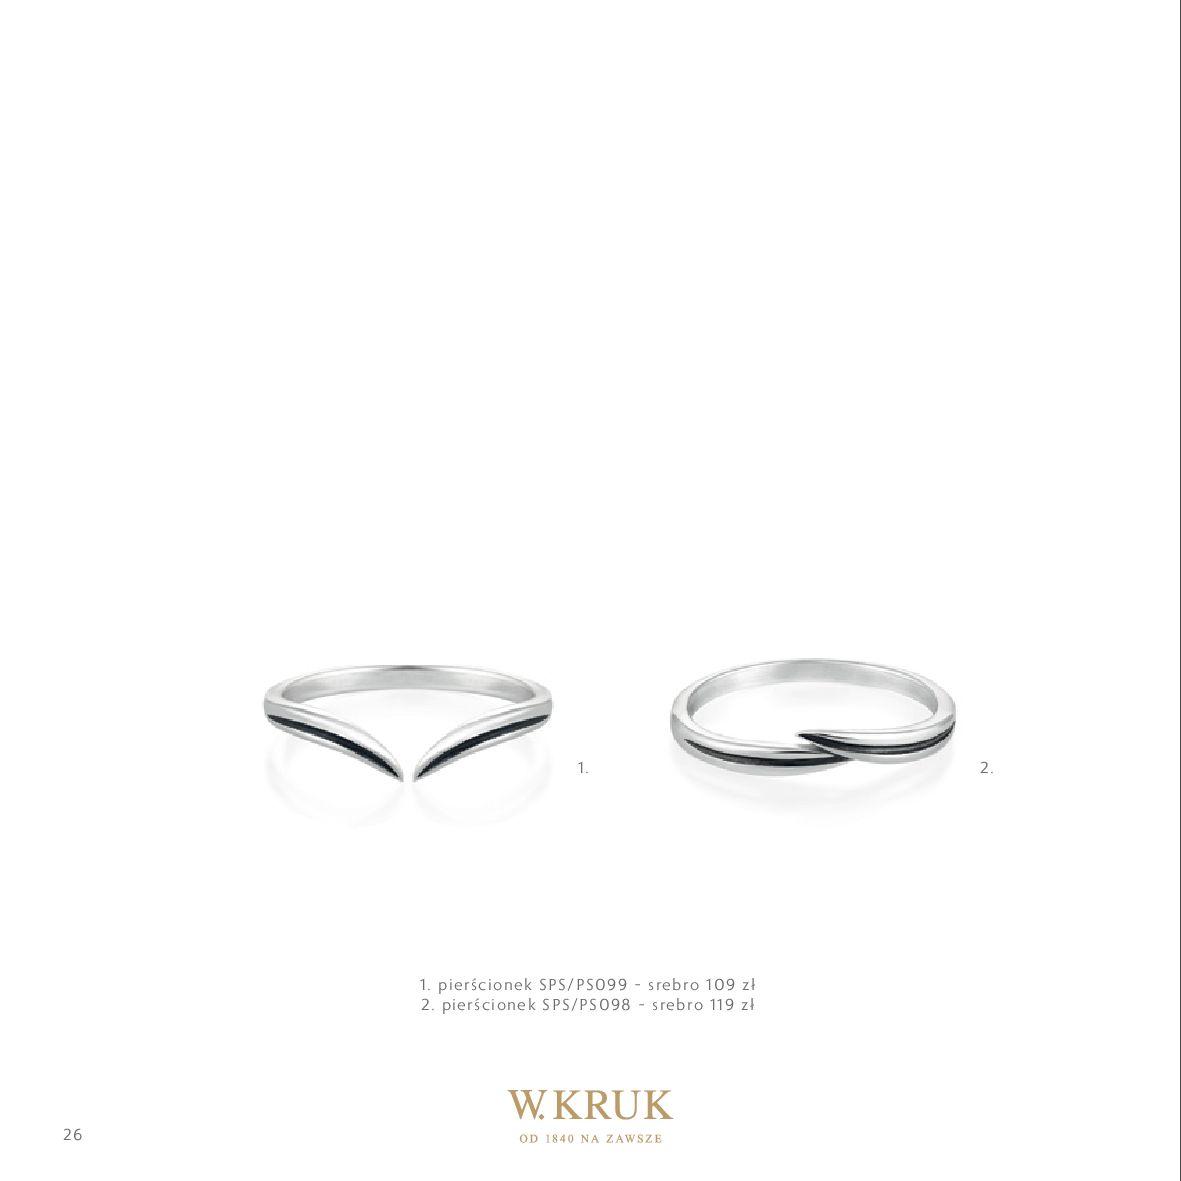 Gazetka W. KRUK: Katalog - Kolekcja Przyjaźń 2021-02-17 page-28